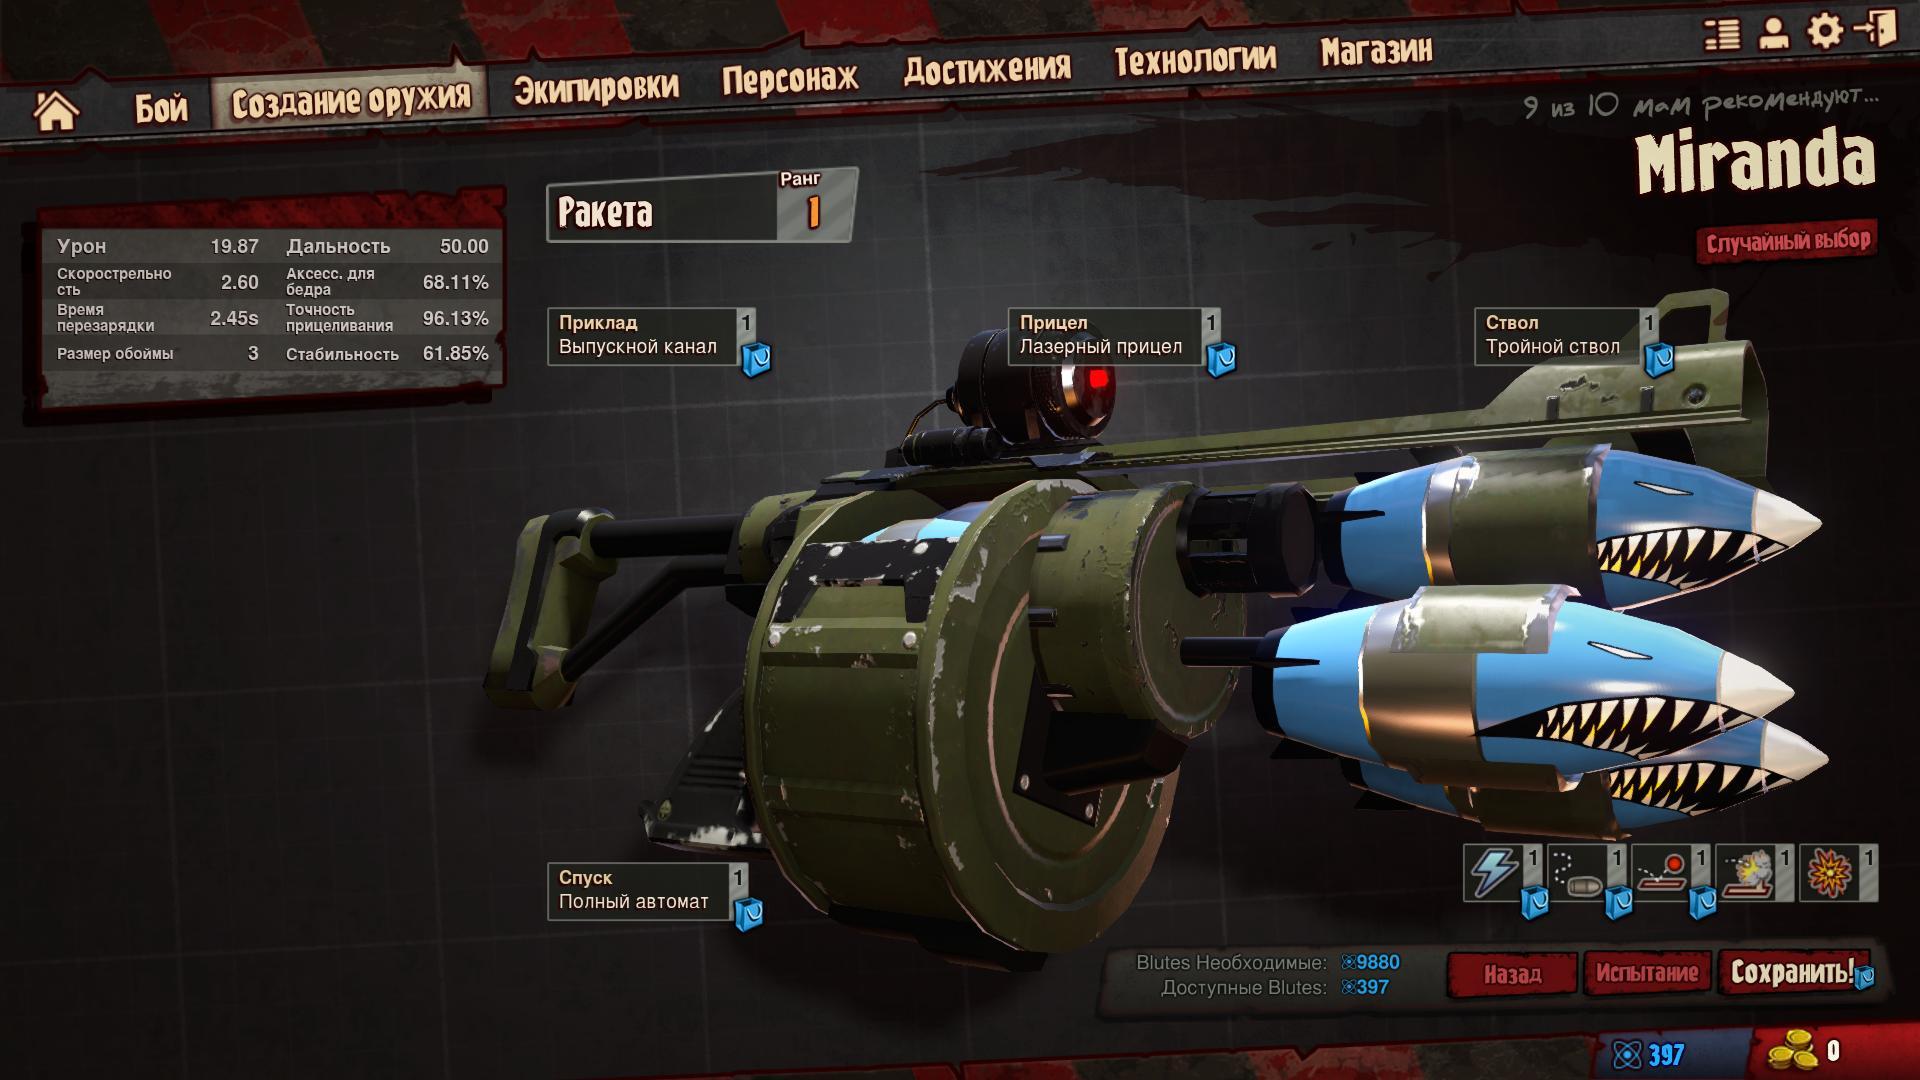 Симулятор создания оружия weapons genius играть онлайн.